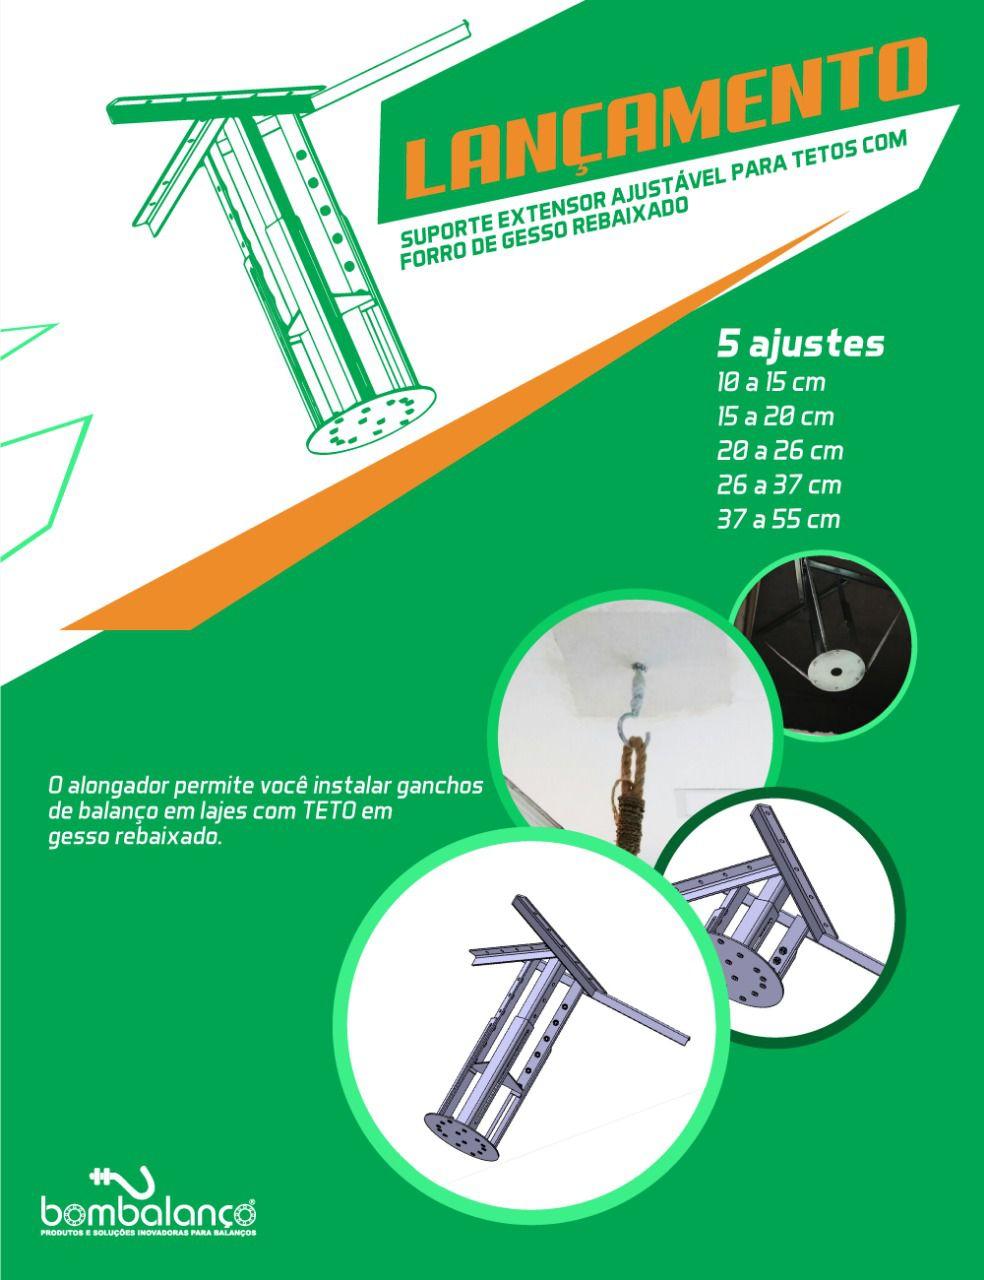 Extensor ajustável para teto com forro de gesso - 15 a 20 cm